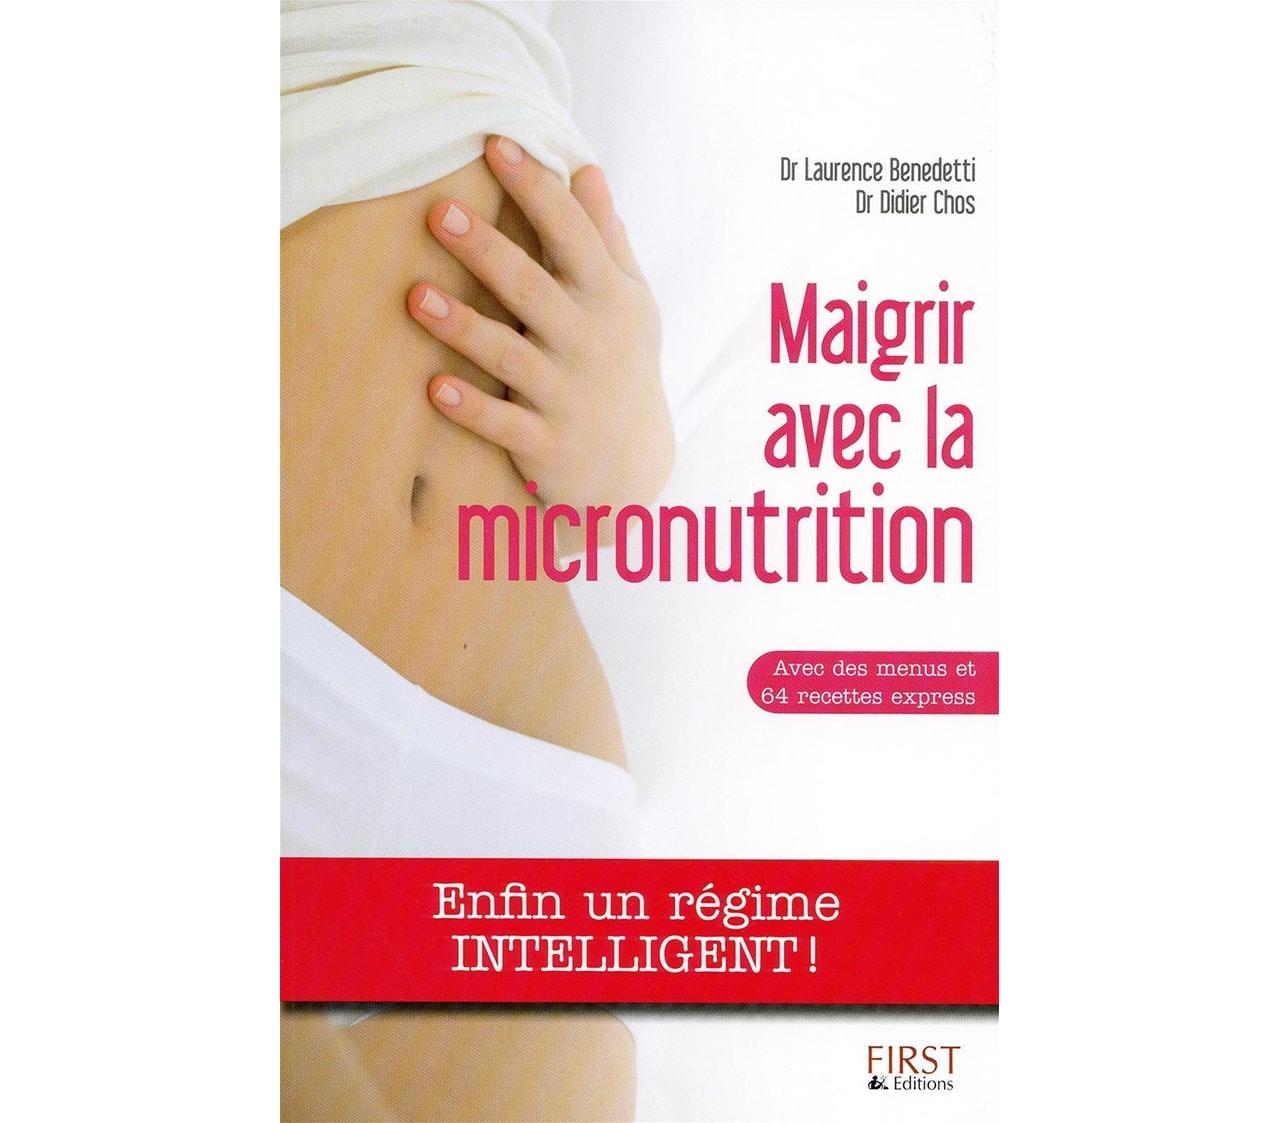 Les meilleurs livres nutrition et minceur